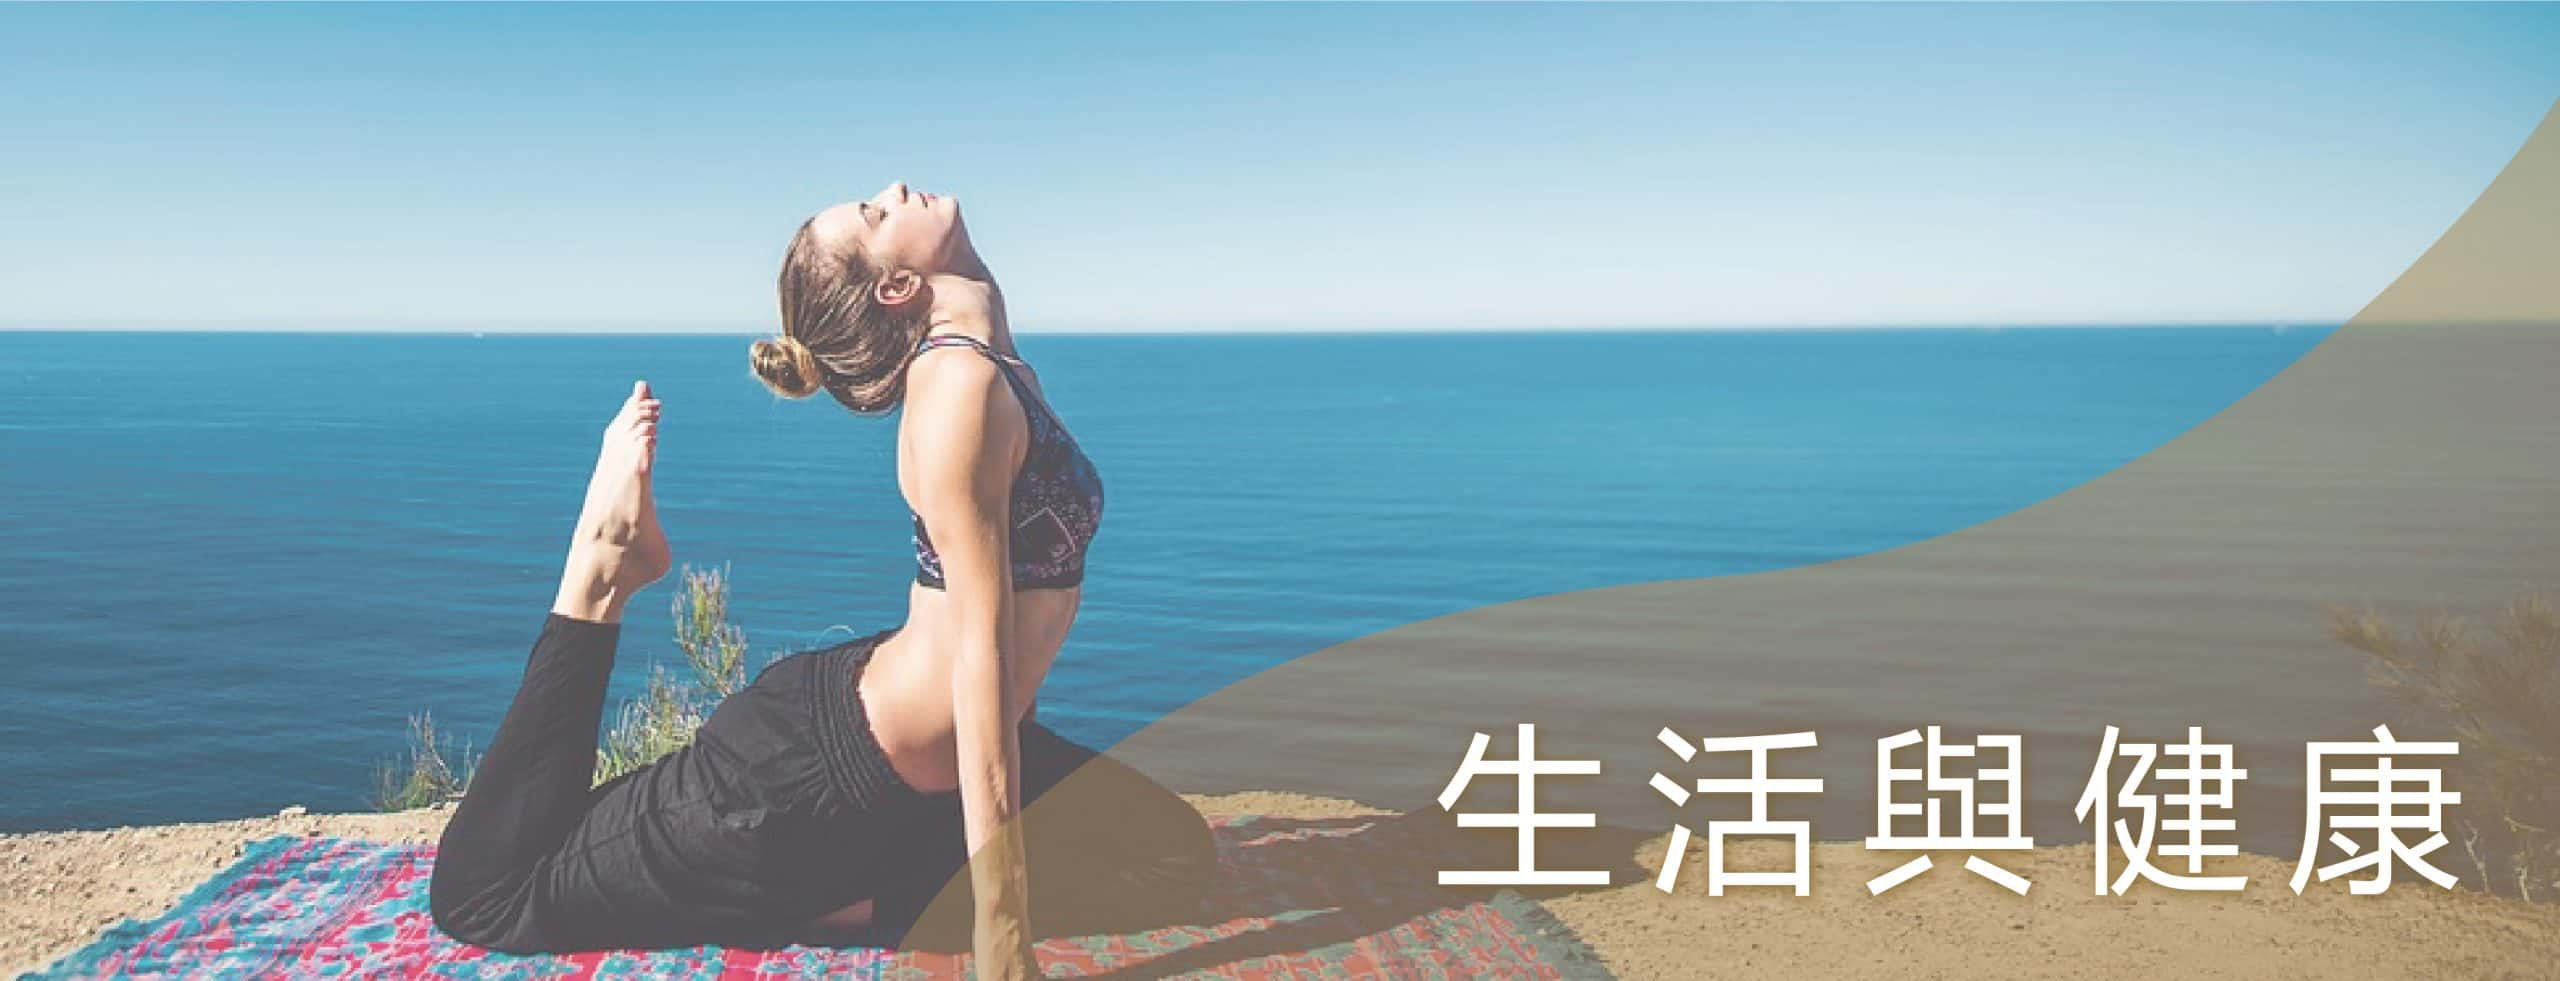 生活與健康 banner 02 scaled